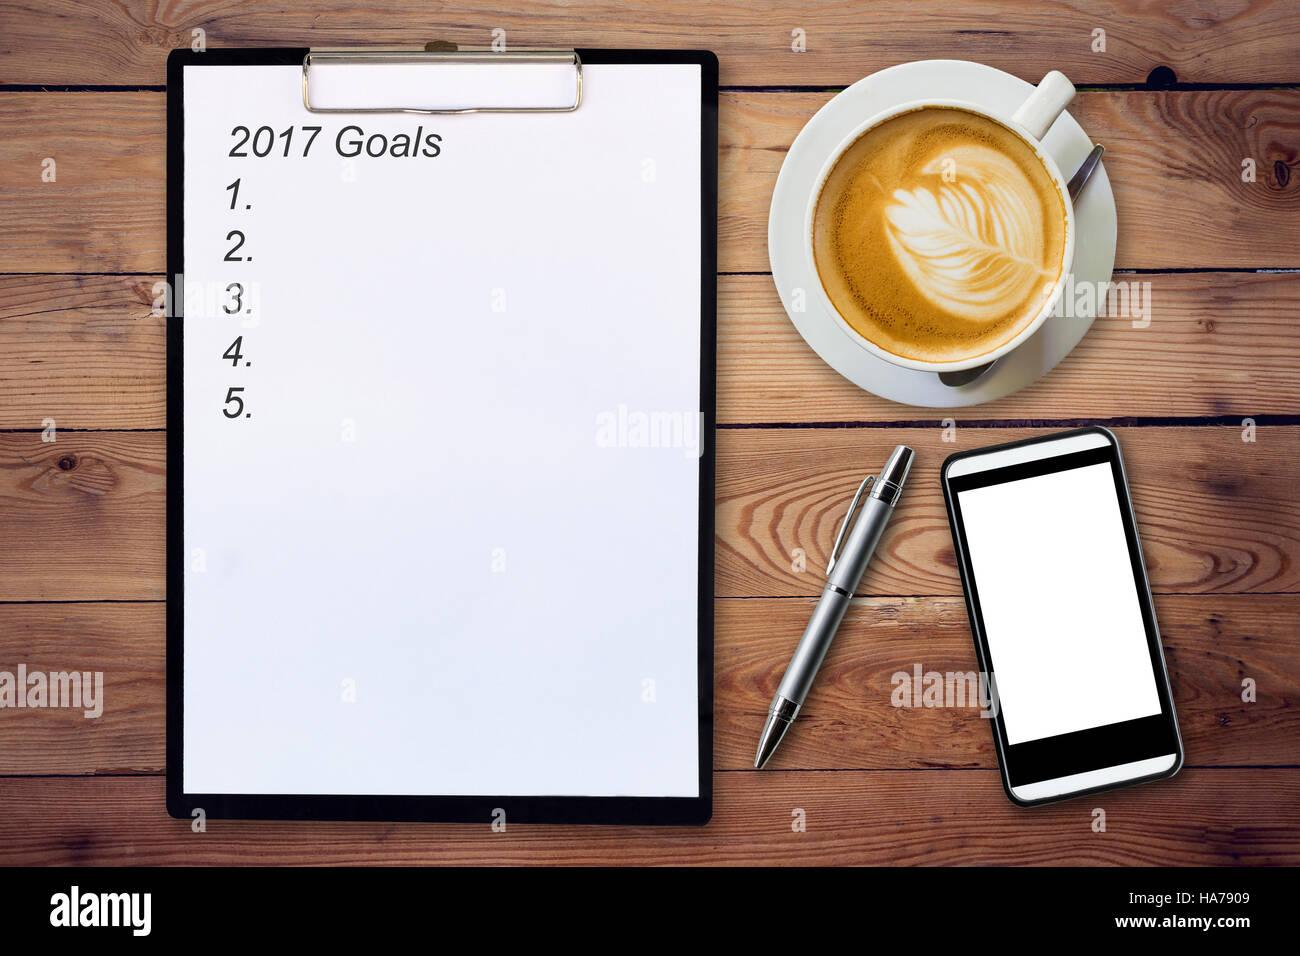 Fantastisch Ziele Für Das Schreiben Galerie ...